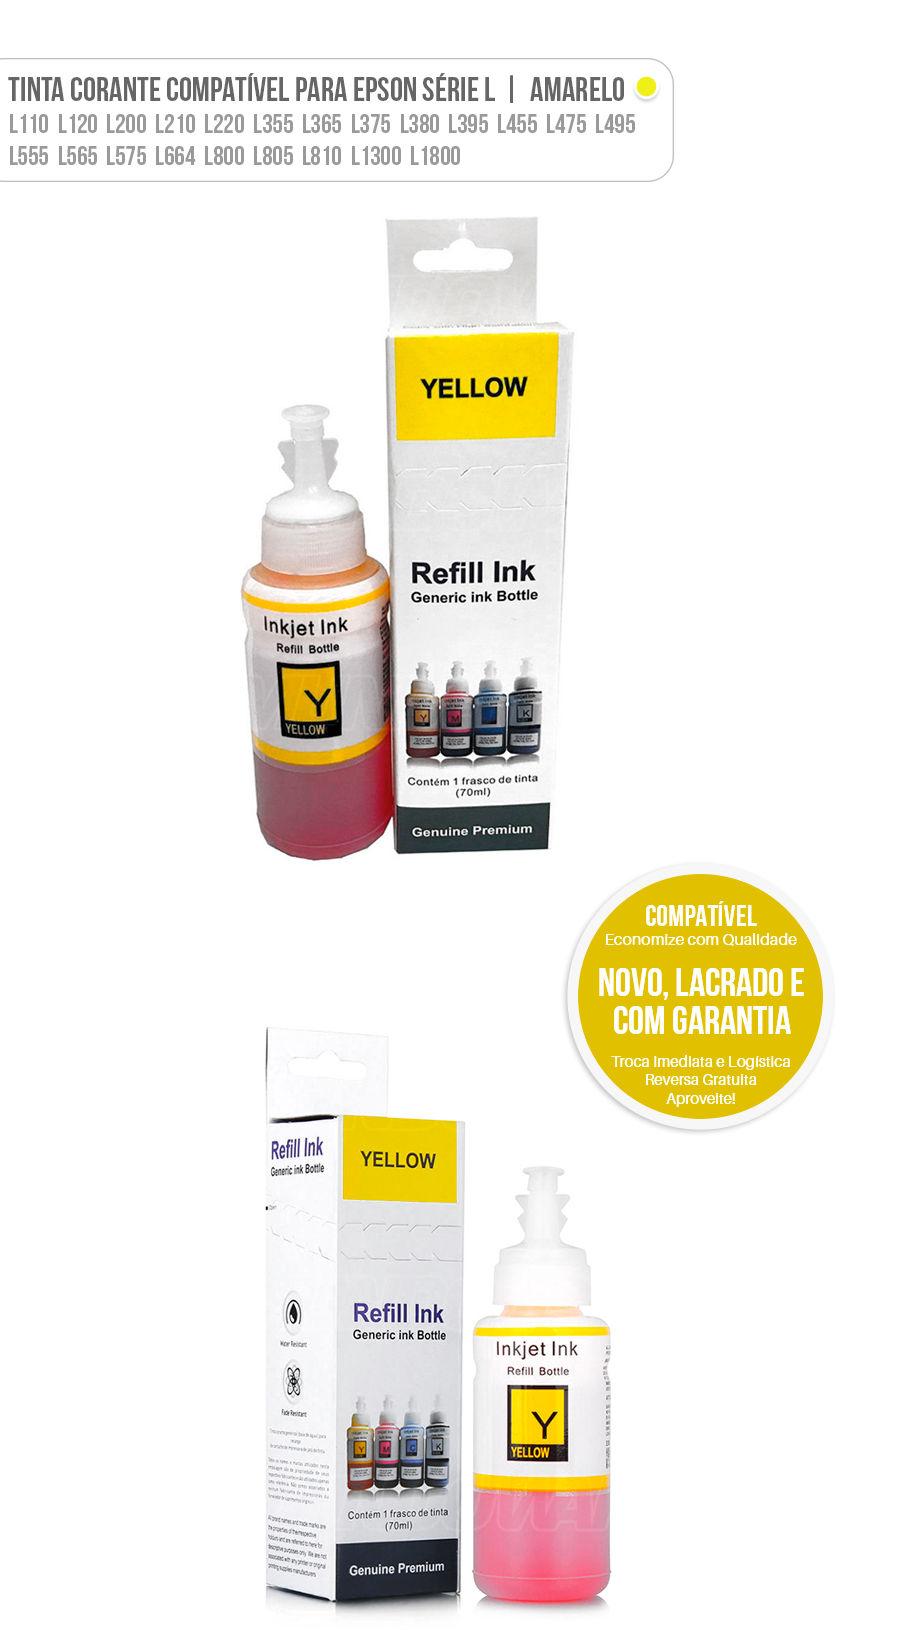 Refil de Tinta Corante Amarelo Compatível para Epson Ecotank série L L200 L210 L220 L355 L365 L375 L555 L575 L800 L805 L1300